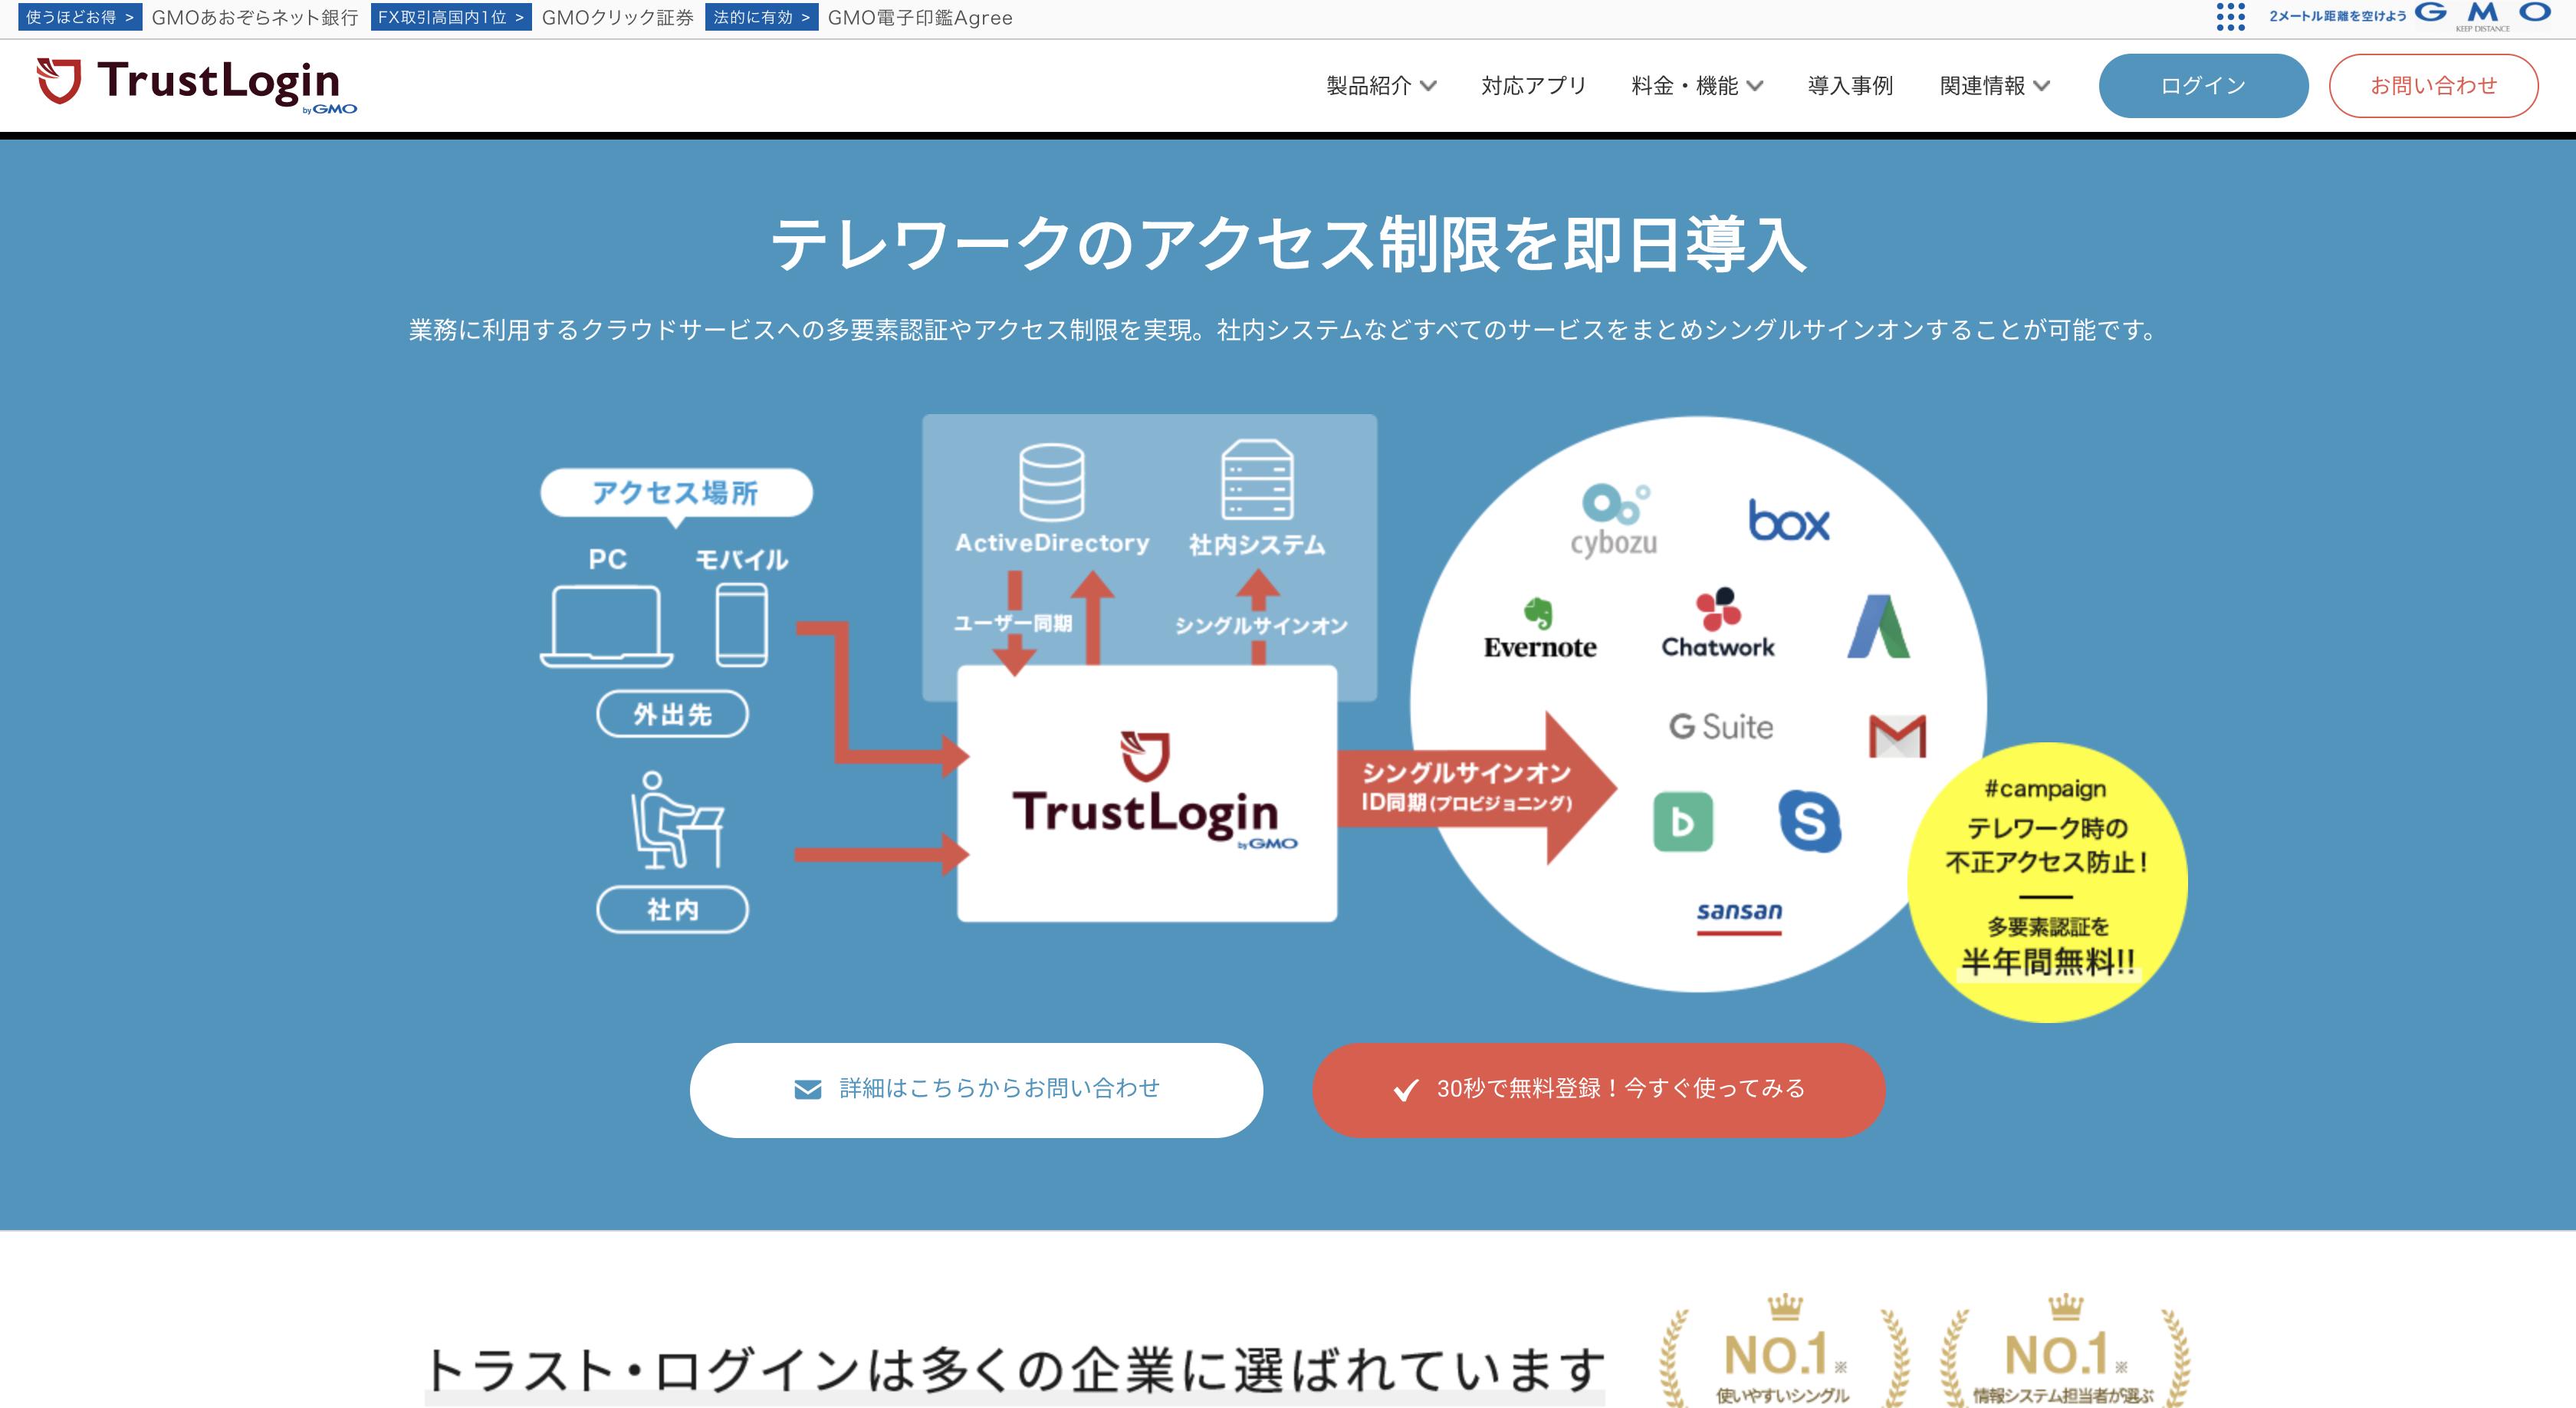 シングルサインオンでセキュリティ向上・ログインの簡易化ができるサービス【TrustLogin】